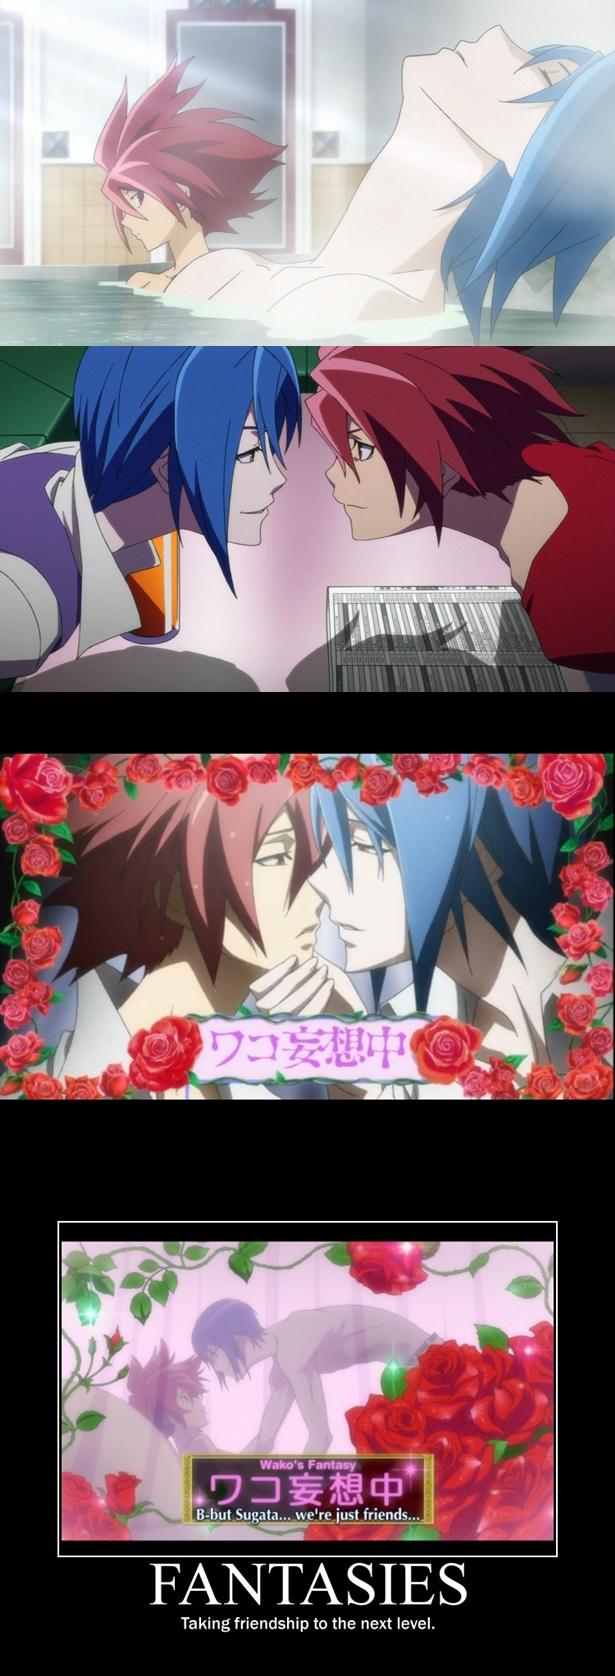 Tags: Anime, Star Driver, Shindou Sugata, Tsunashi Takuto, Demotivational Poster, Screenshot